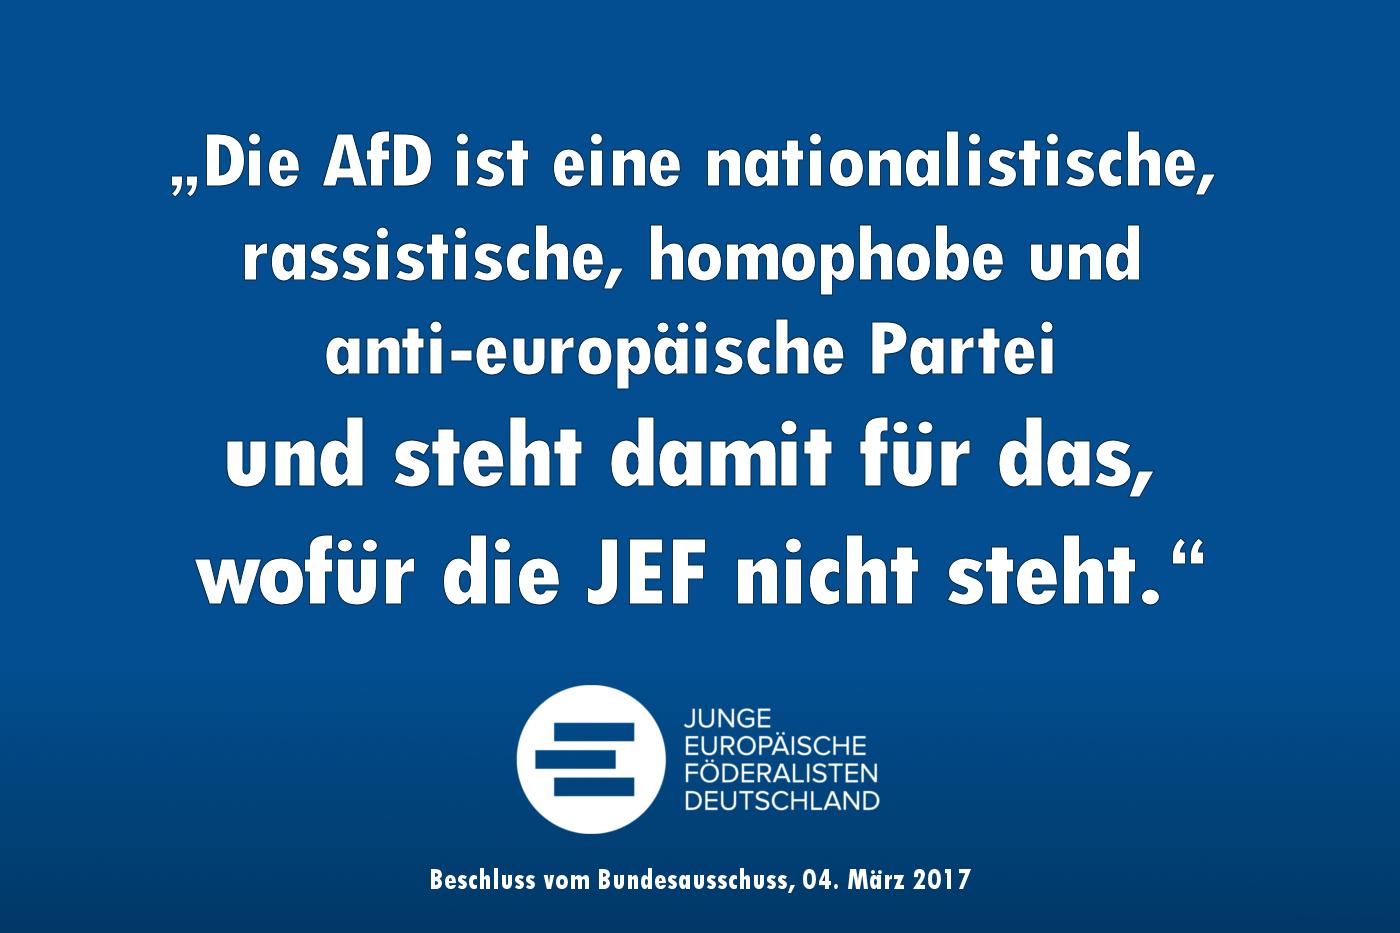 JEF lehnen anti-europäischen Populismus und Zusammenarbeit mit AfD/JA ab